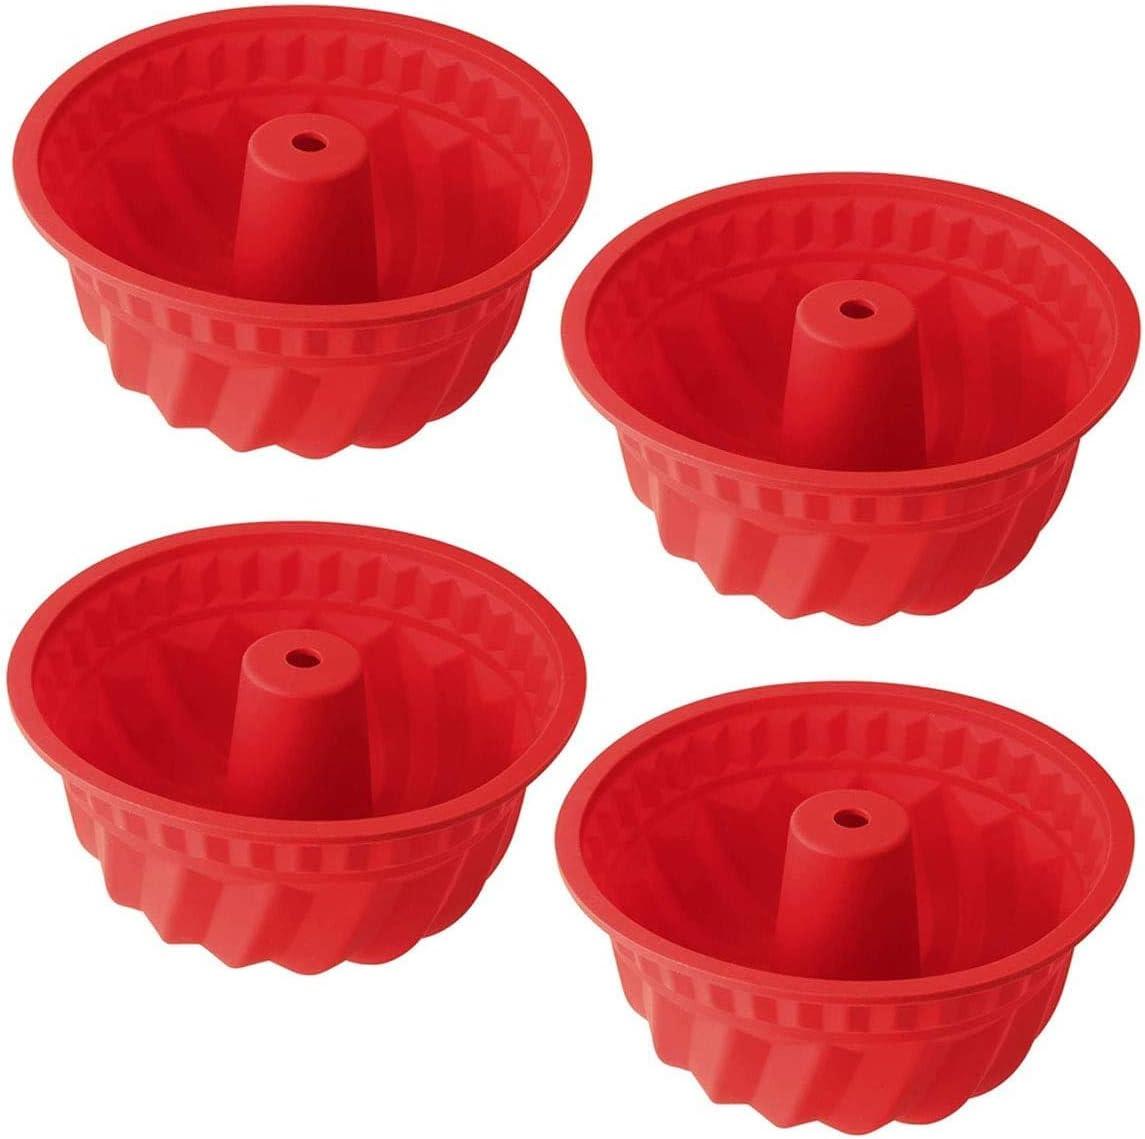 Silikon Gugelhupfform /Ø 15 cm BPA-frei Silikon Backform f/ür K/östlichen Gugelhupf Antihaft /& Leicht zu Reinigen hochwertige Silikon Kuchenform 4 St/ück von WENTS